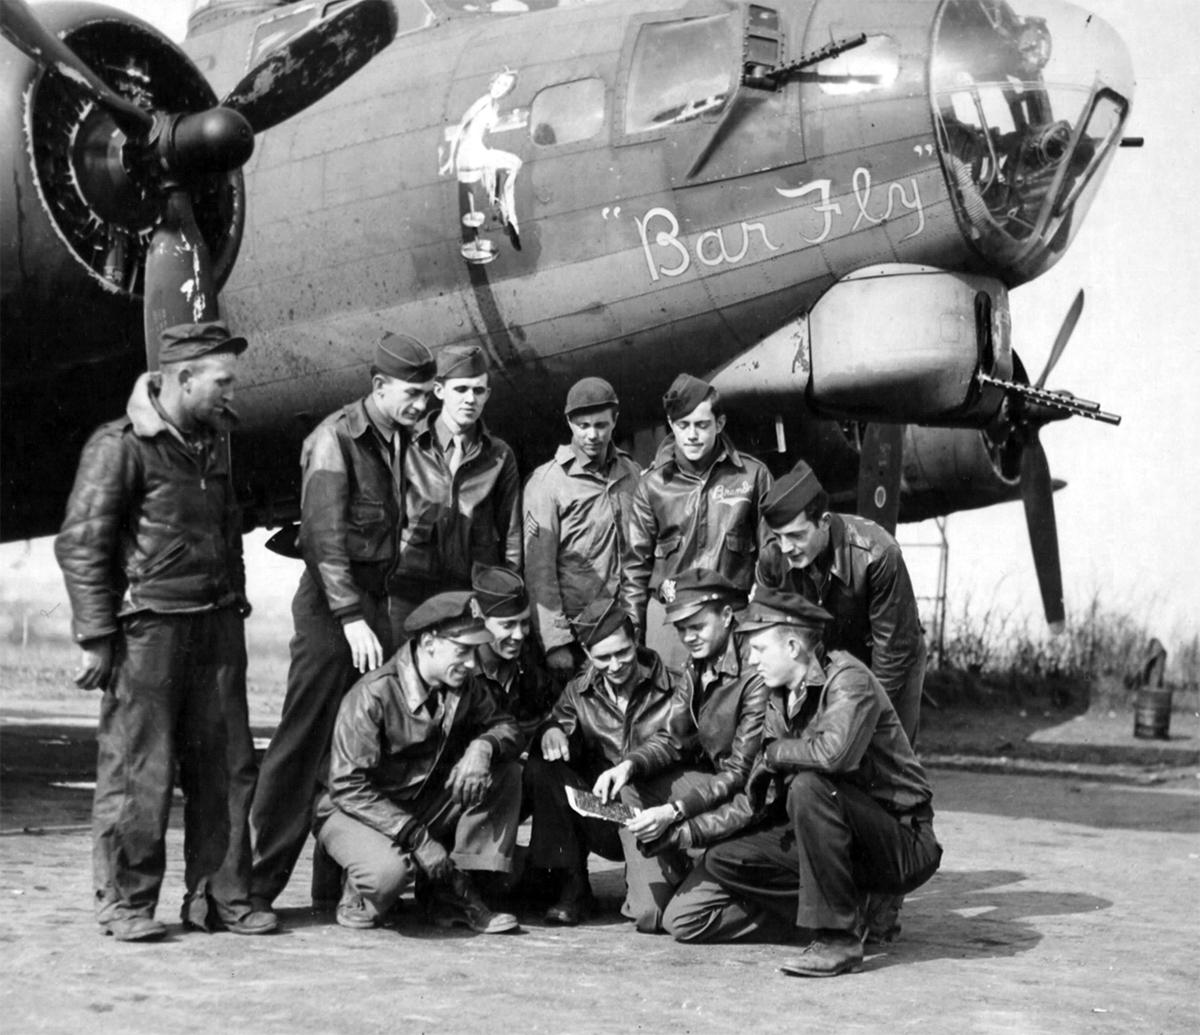 B-17 #42-39936 / Bar Fly